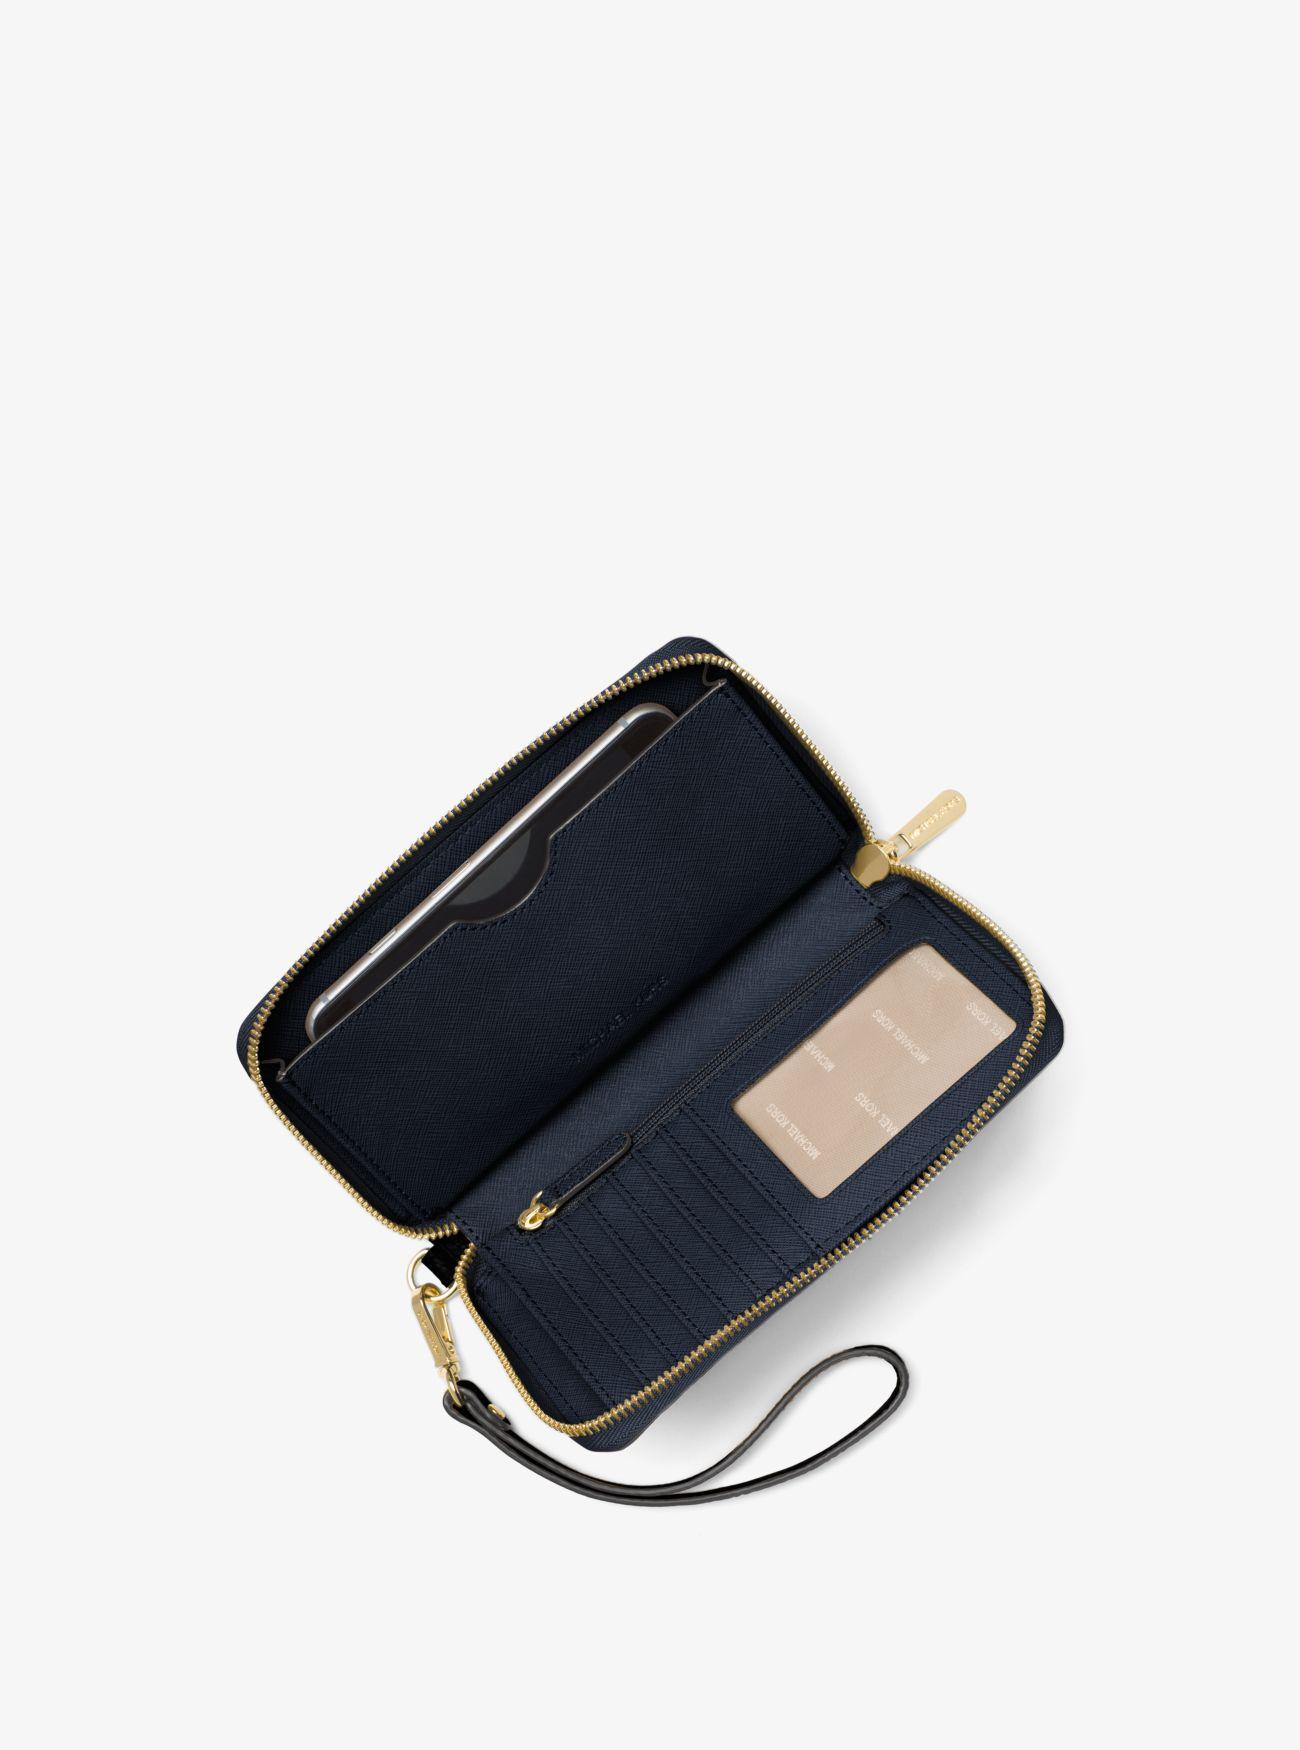 b8888645af6a Large Leather Smartphone Wristlet Large Leather Smartphone Wristlet Large  Leather Smartphone Wristlet. MICHAEL Michael Kors